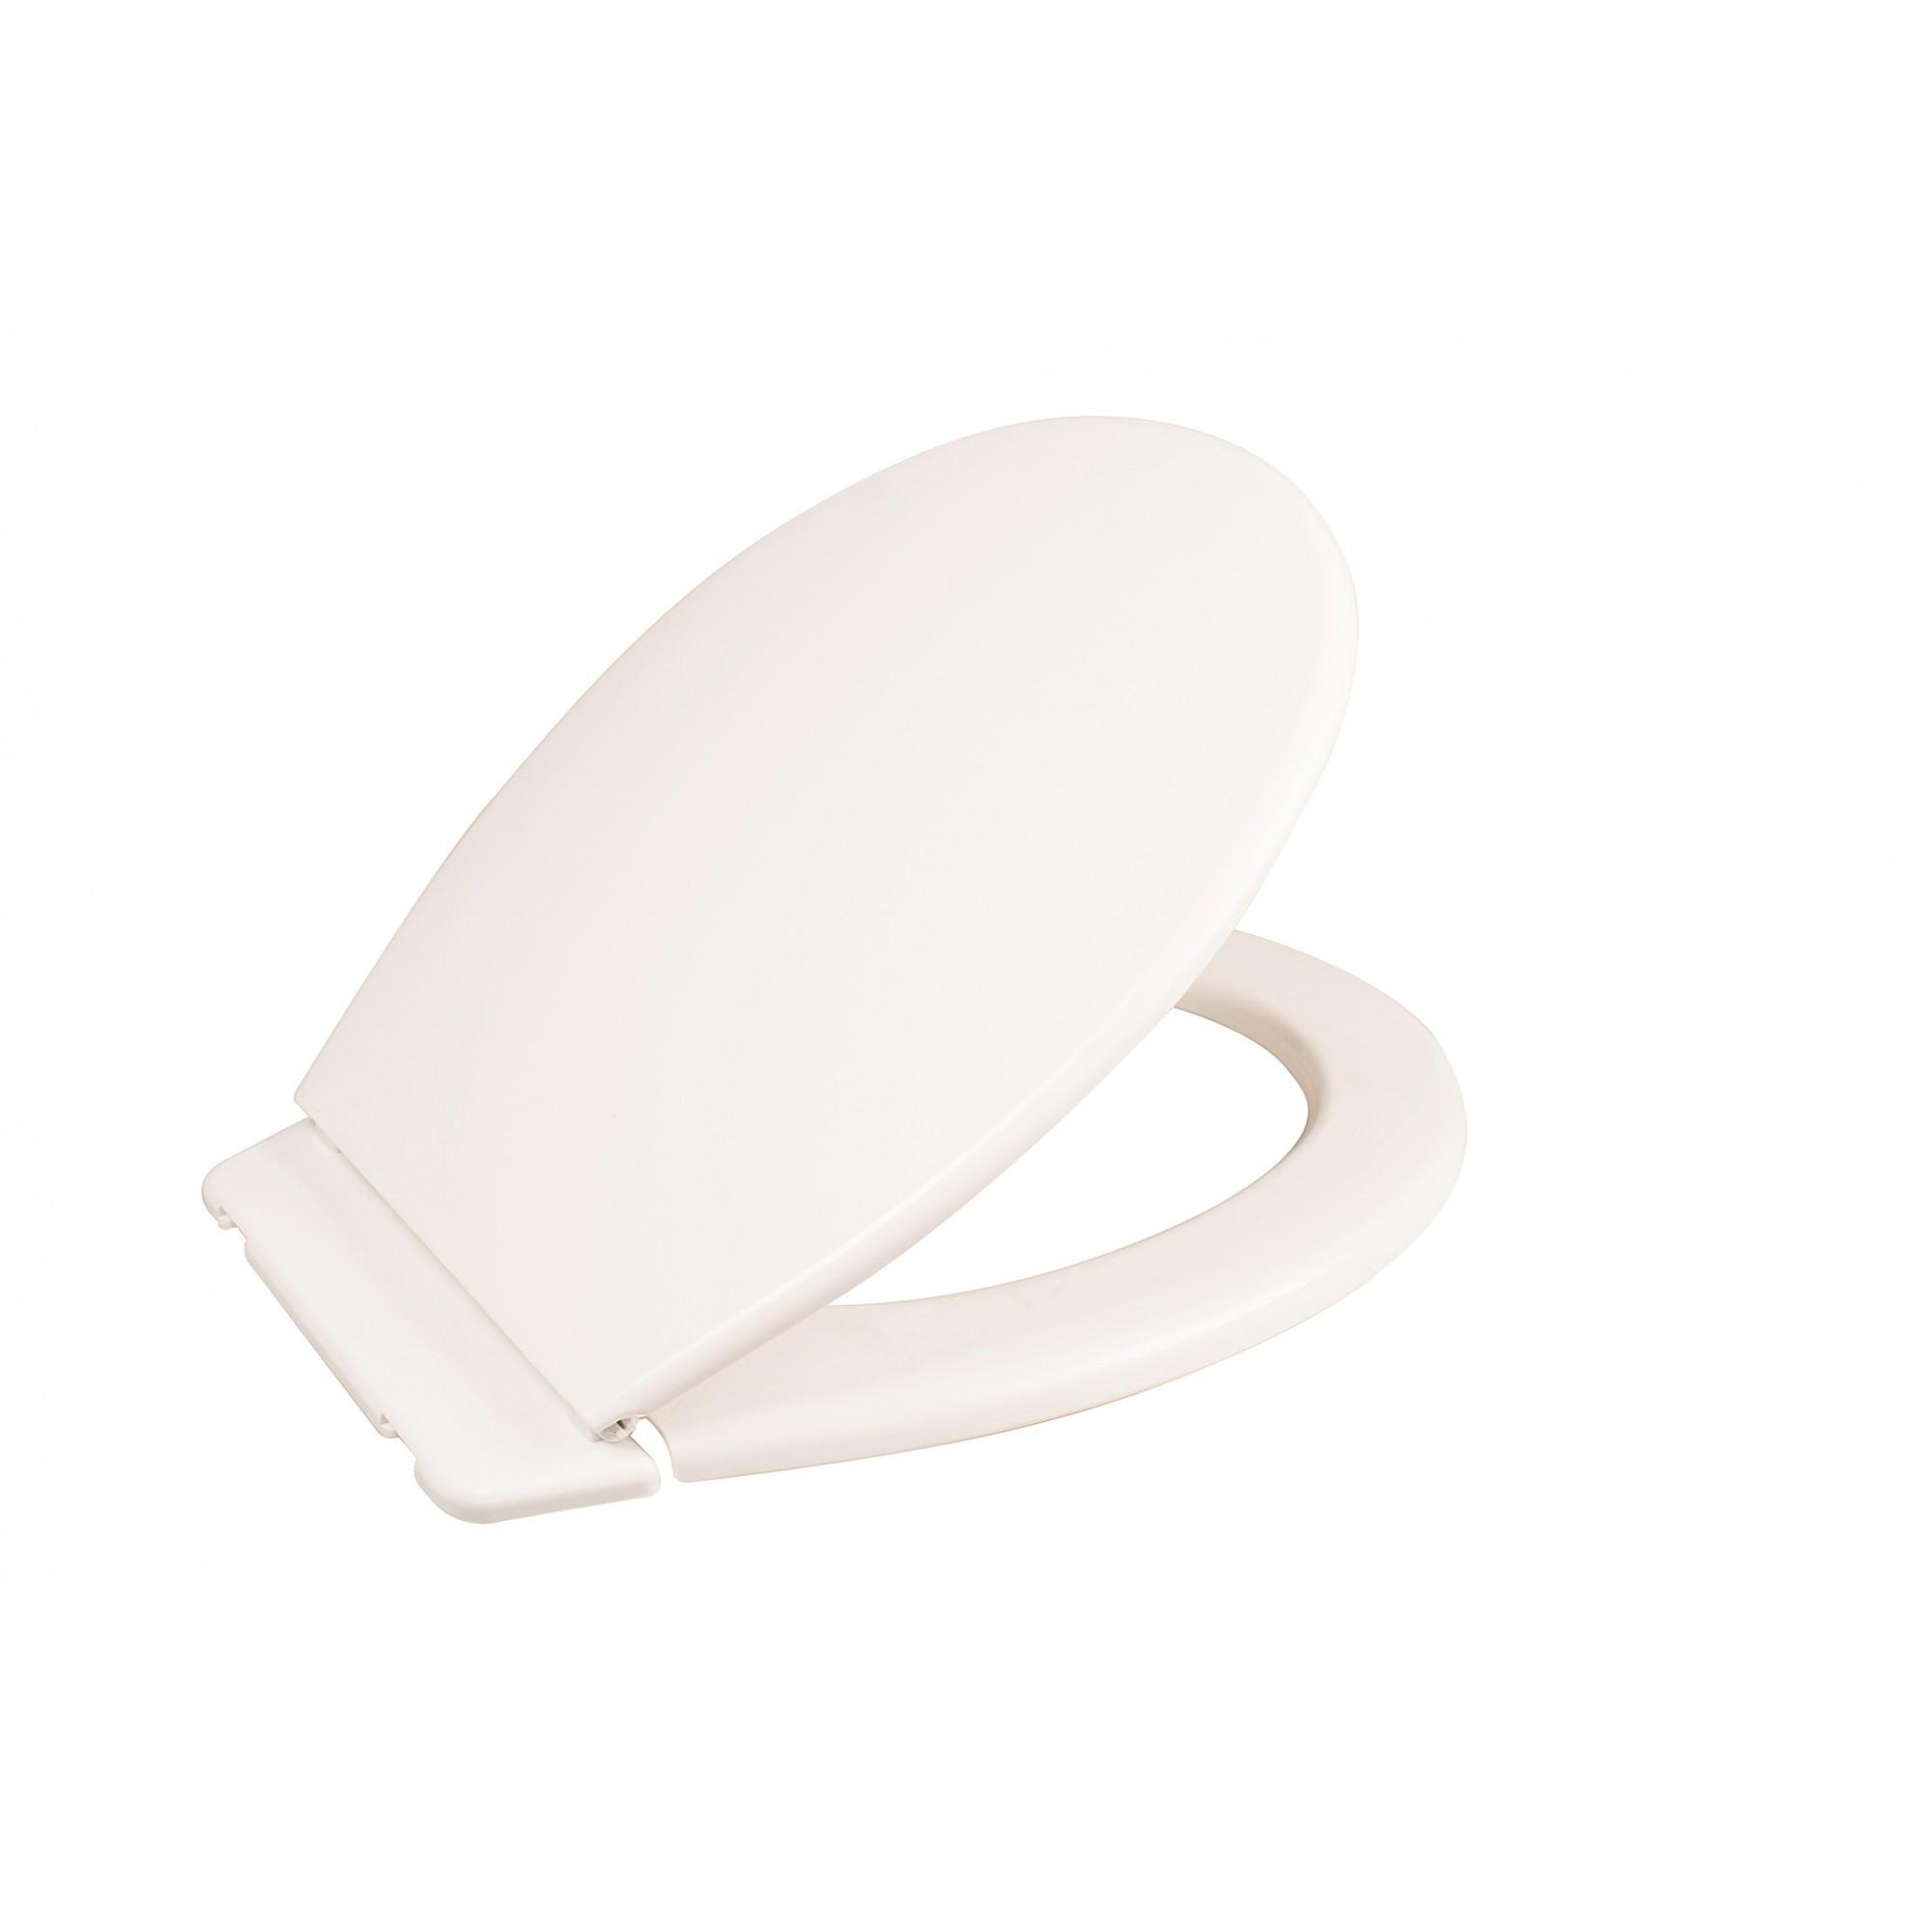 Крышка для унитаза SYDANIT СД 10 полиропилен, цвет белый SYDANIT - 1